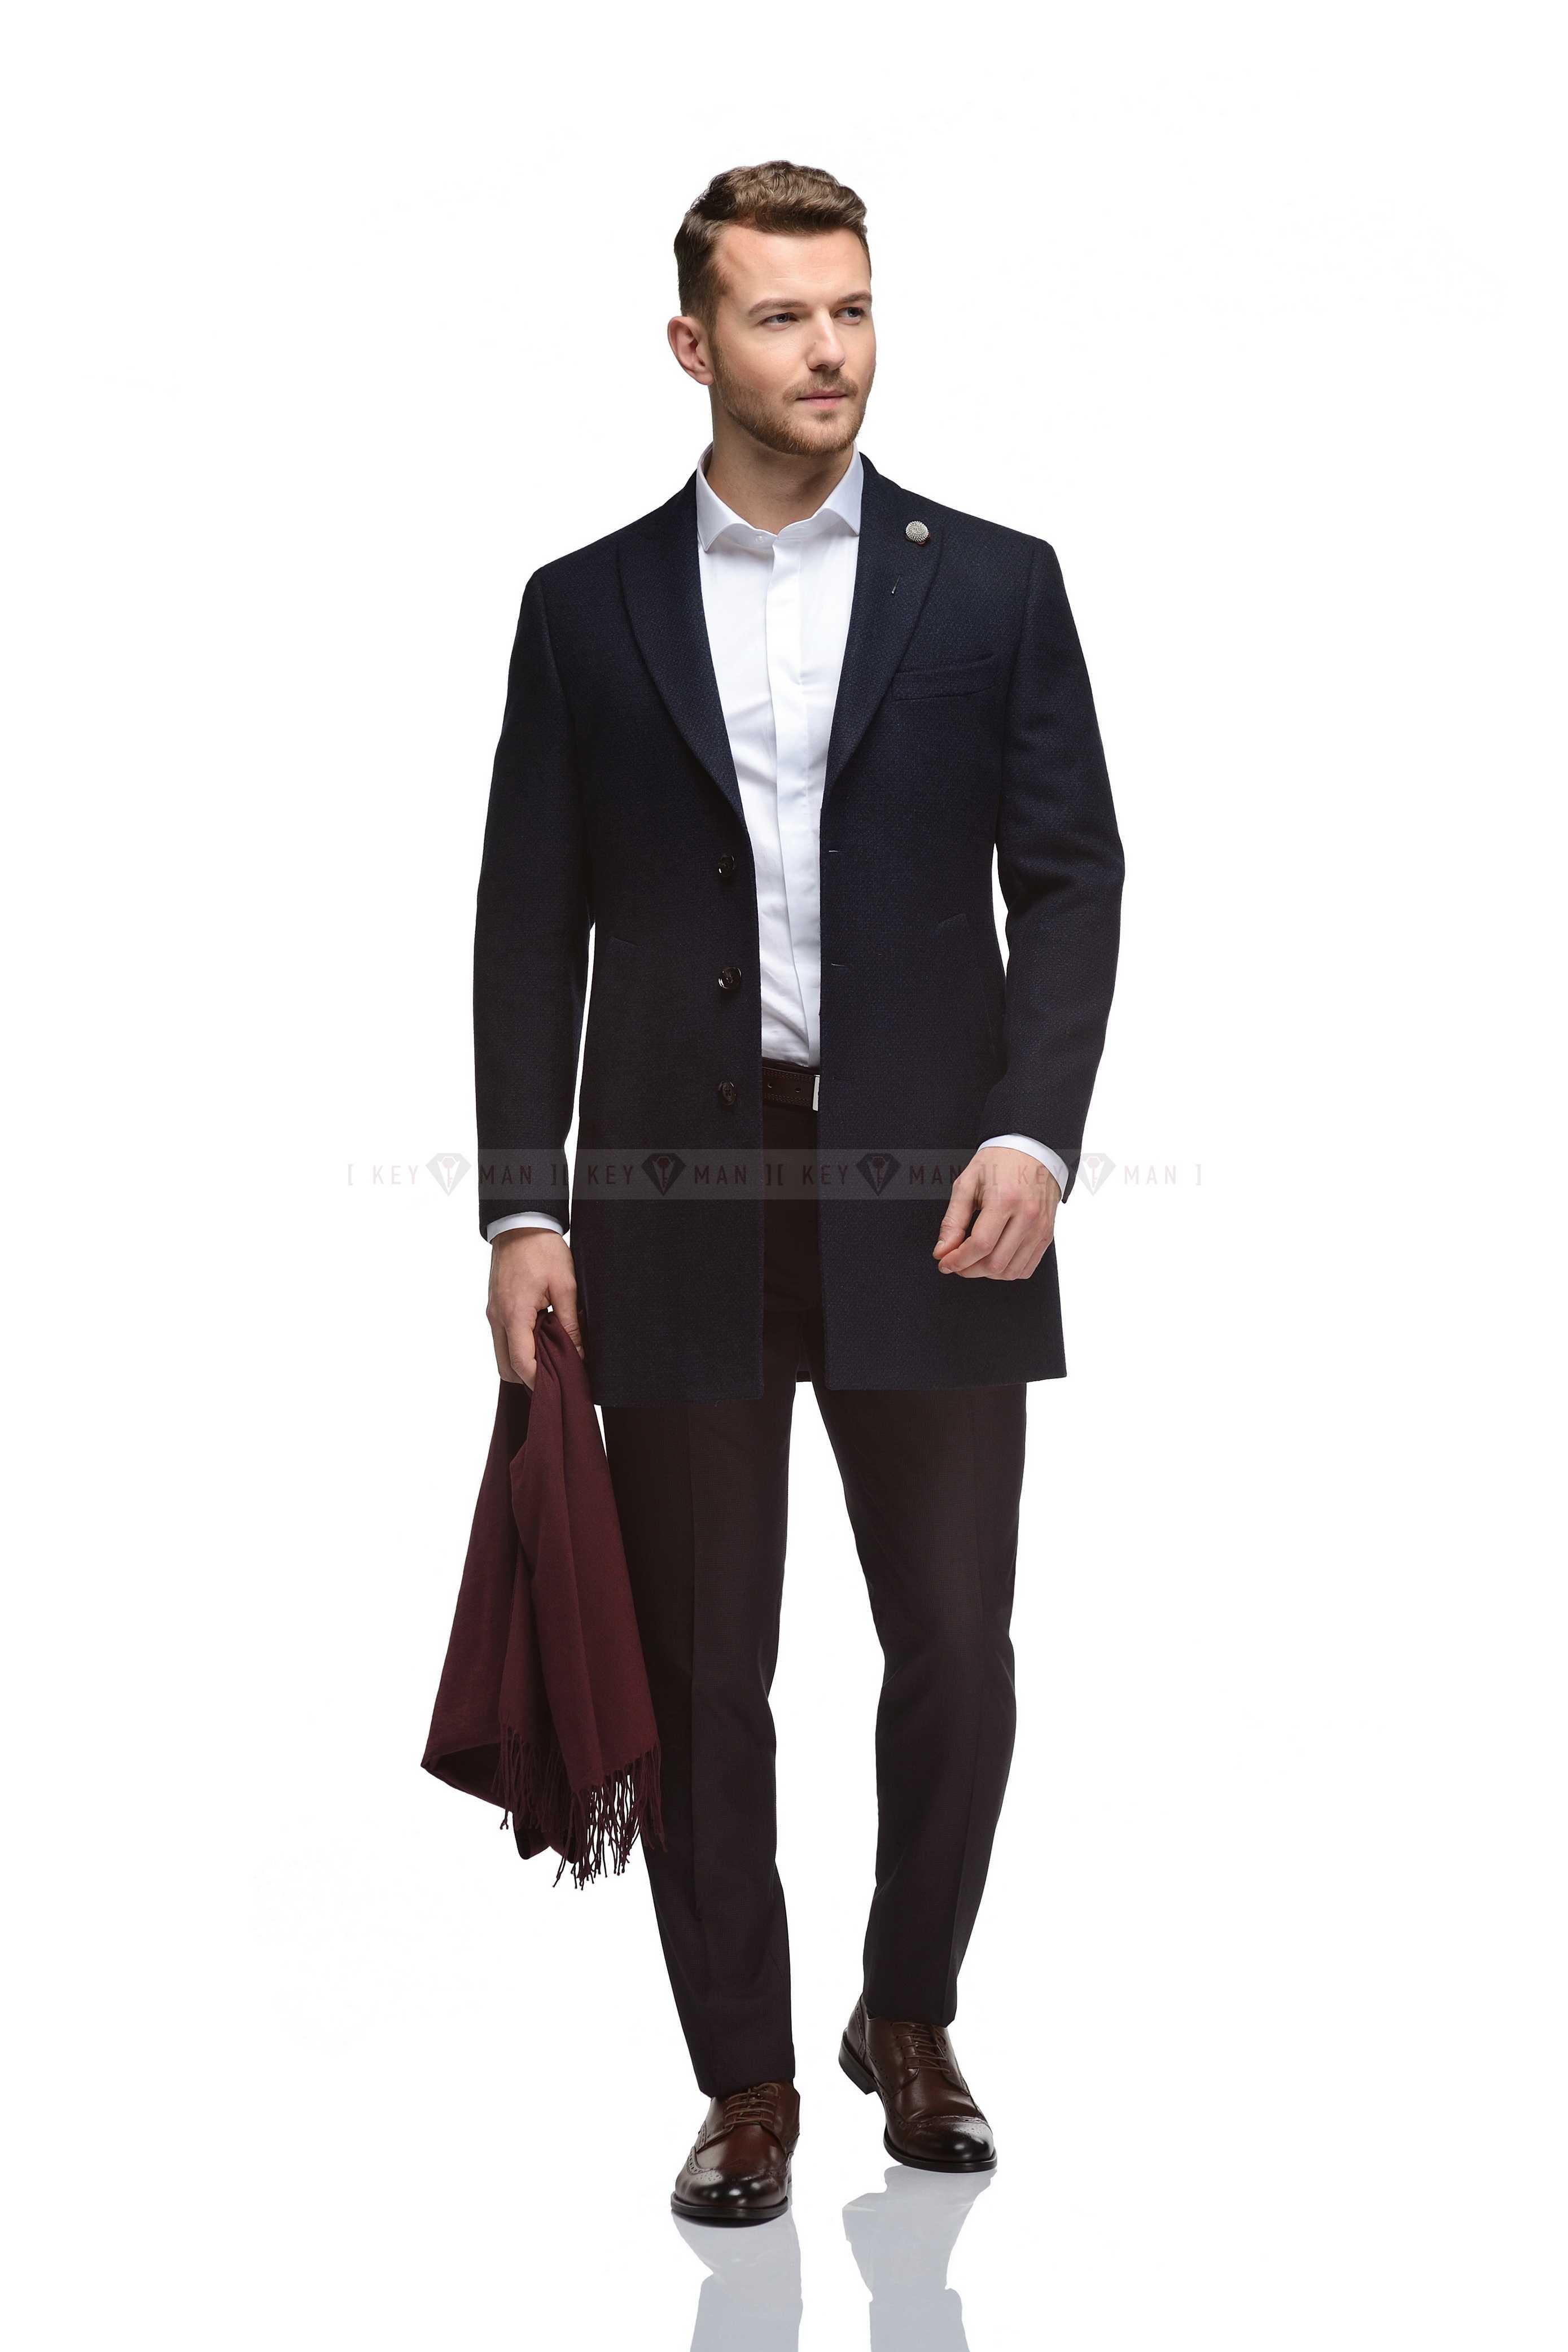 Пальто мужское сине-черное фактурное, итальянский лацкан